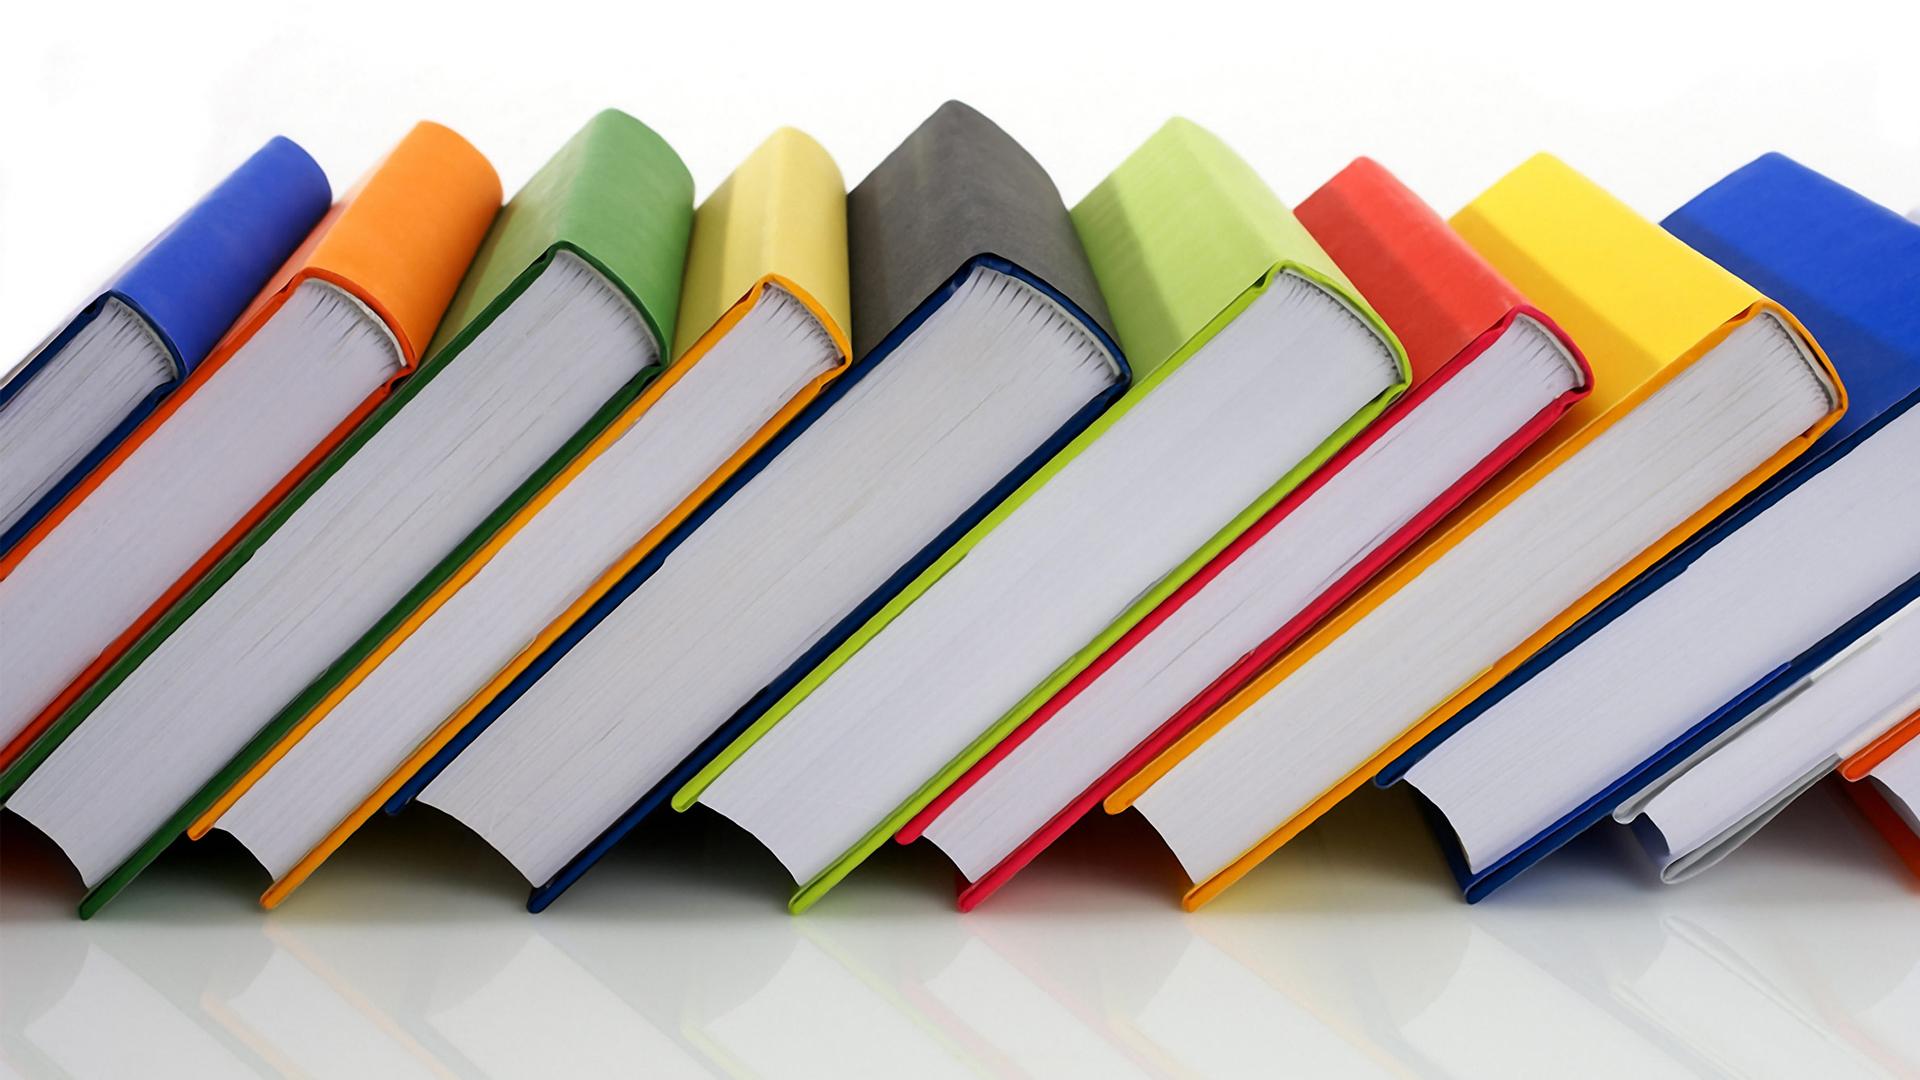 Fornitura gratuita e semigratuita dei libri di testo per l'anno scolastico 2019/2020